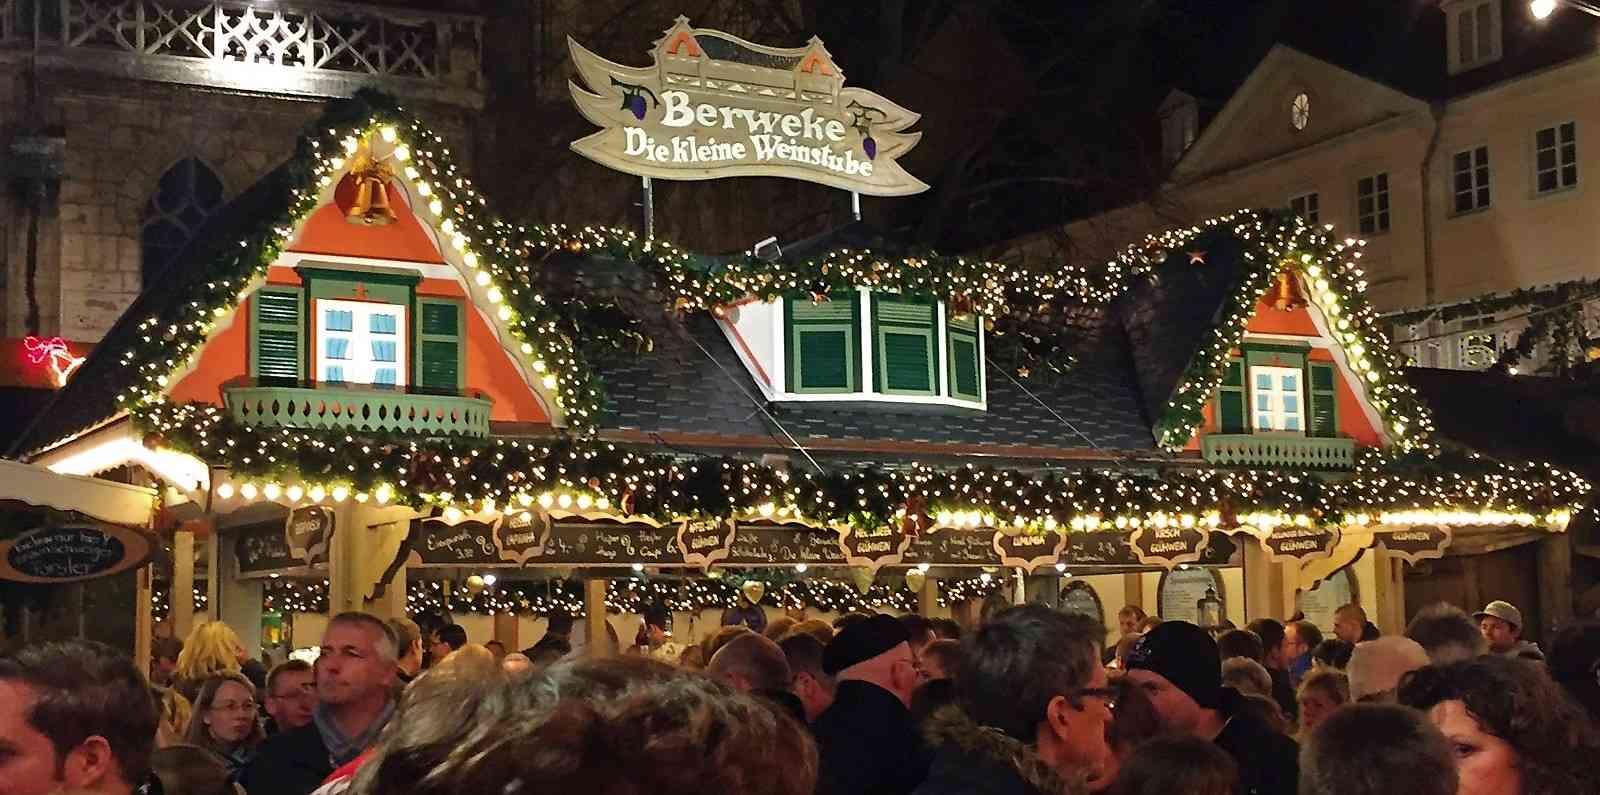 Weihnachtsmarkt Ratzeburg.Blume Innovative Weihnachtsmarkthütten Und Verkaufsstände